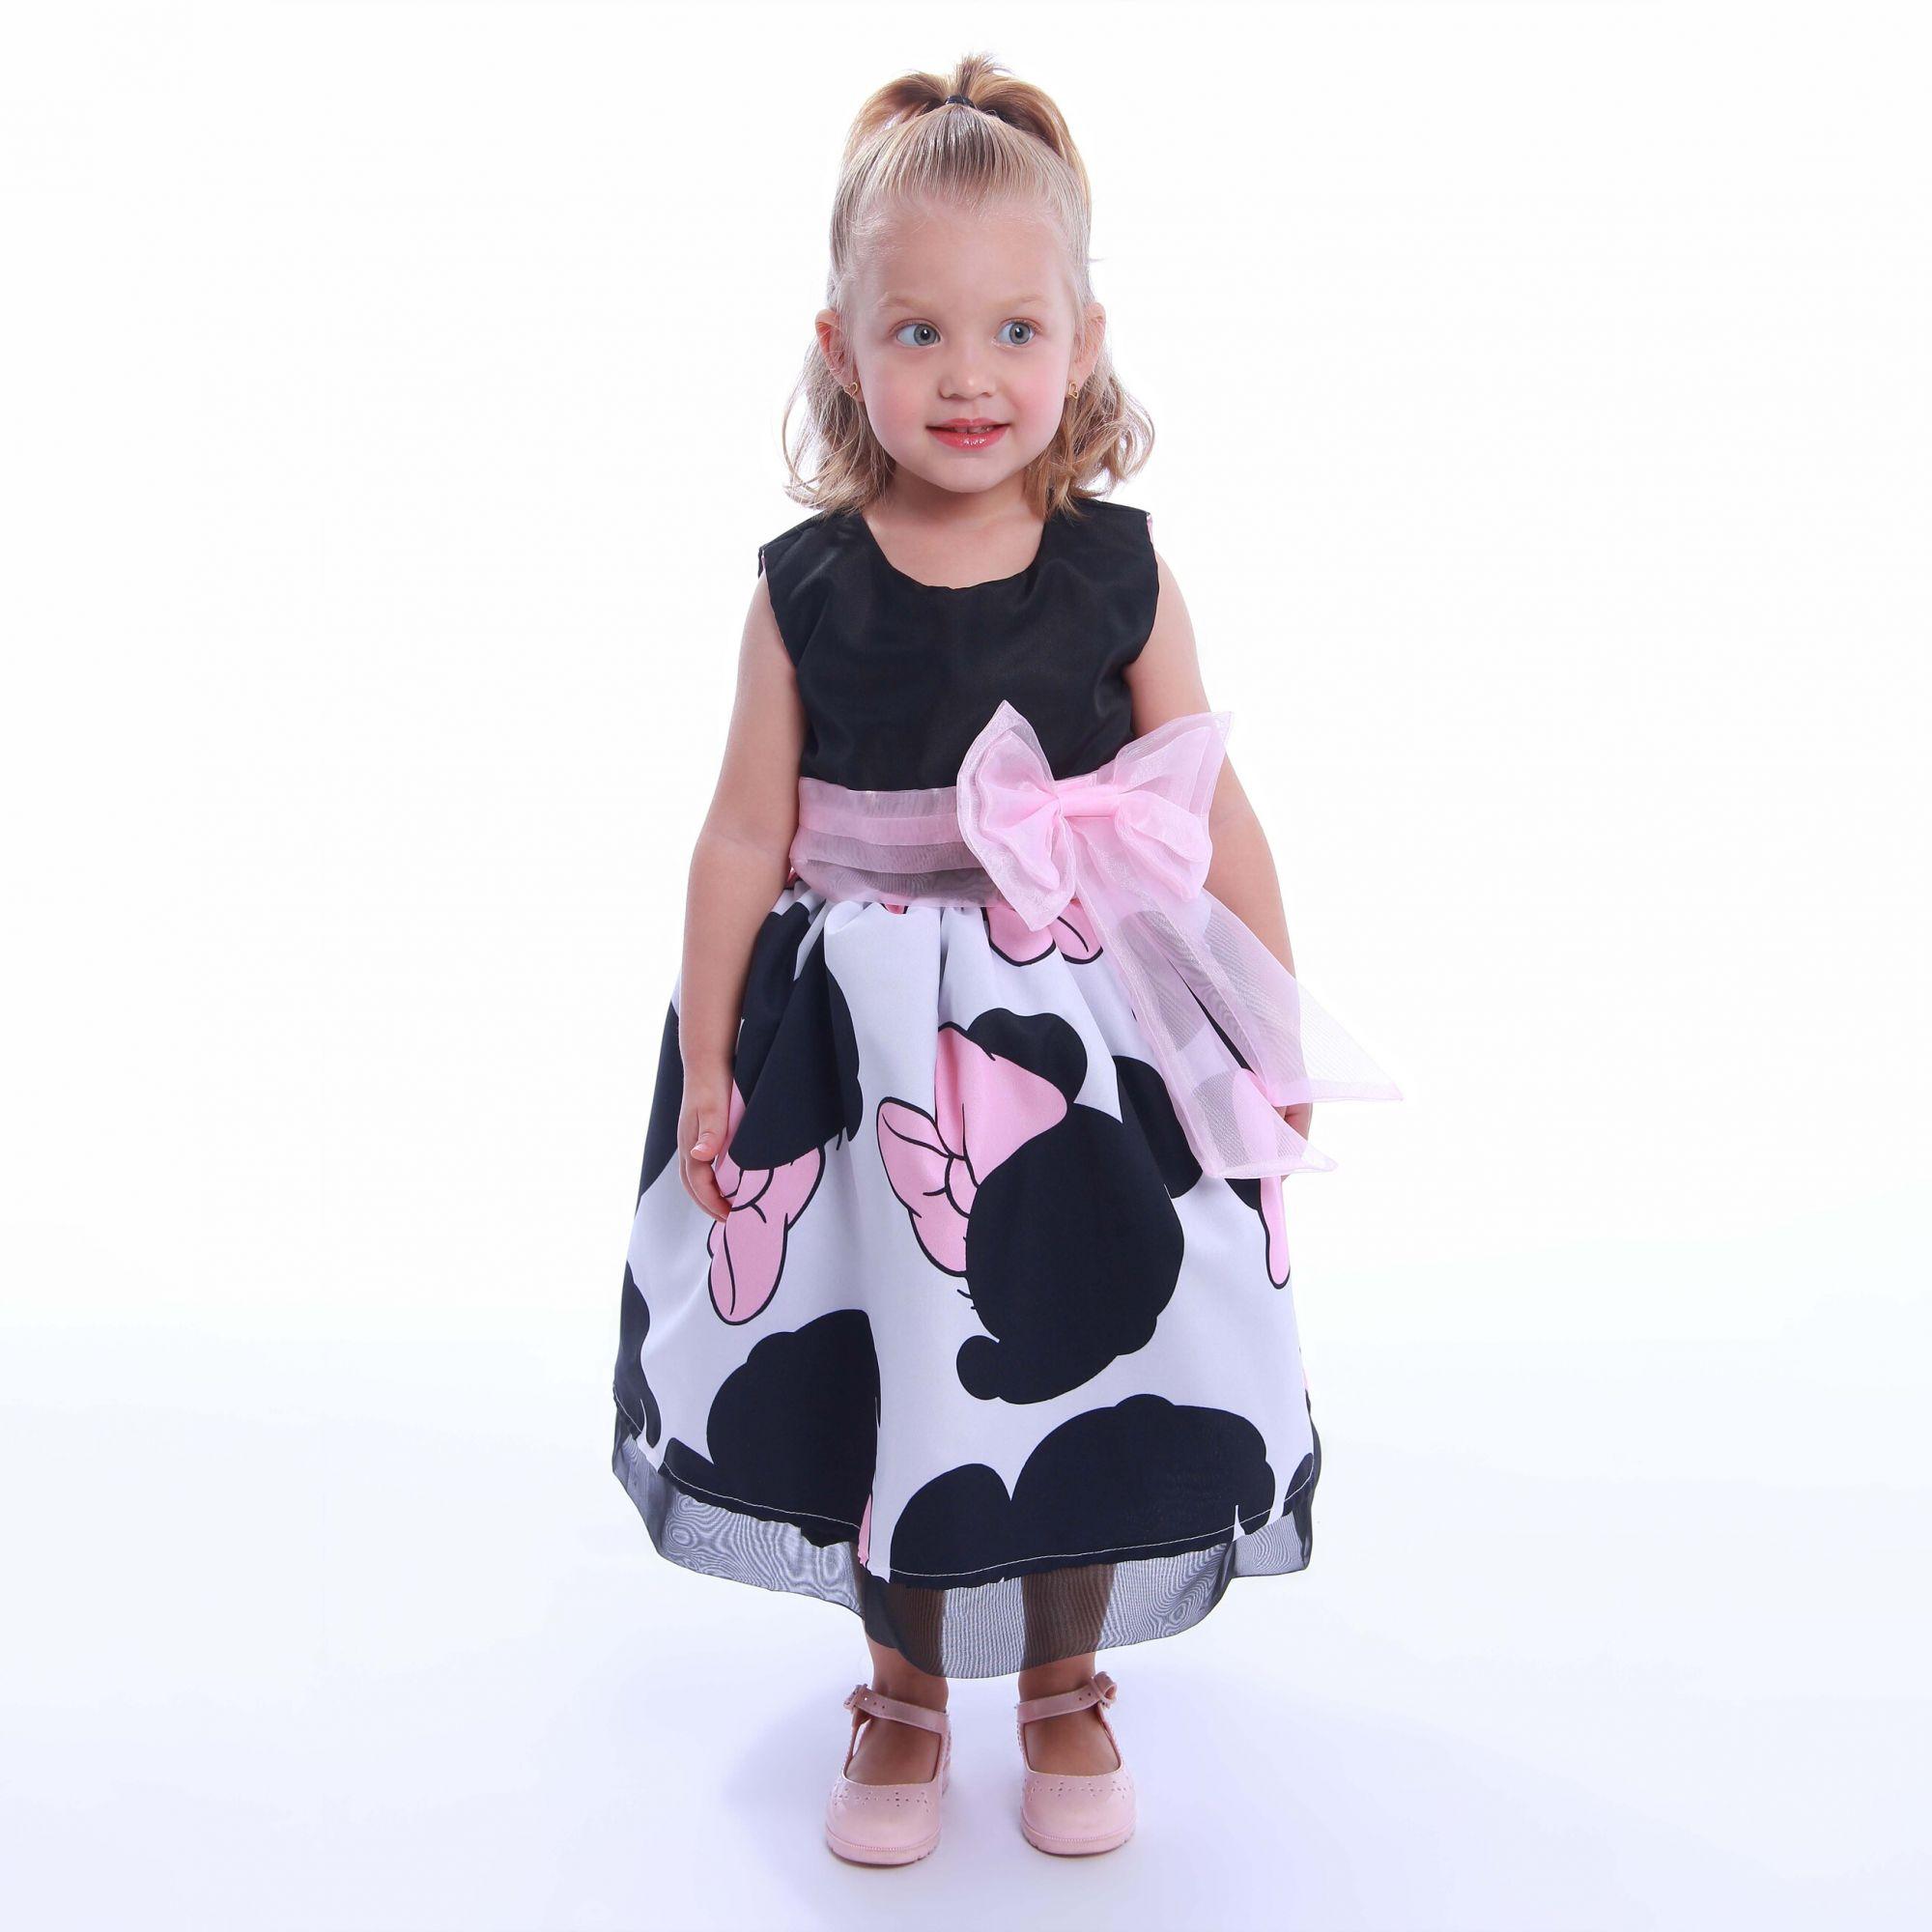 Vestido da Minnie rosa com preto